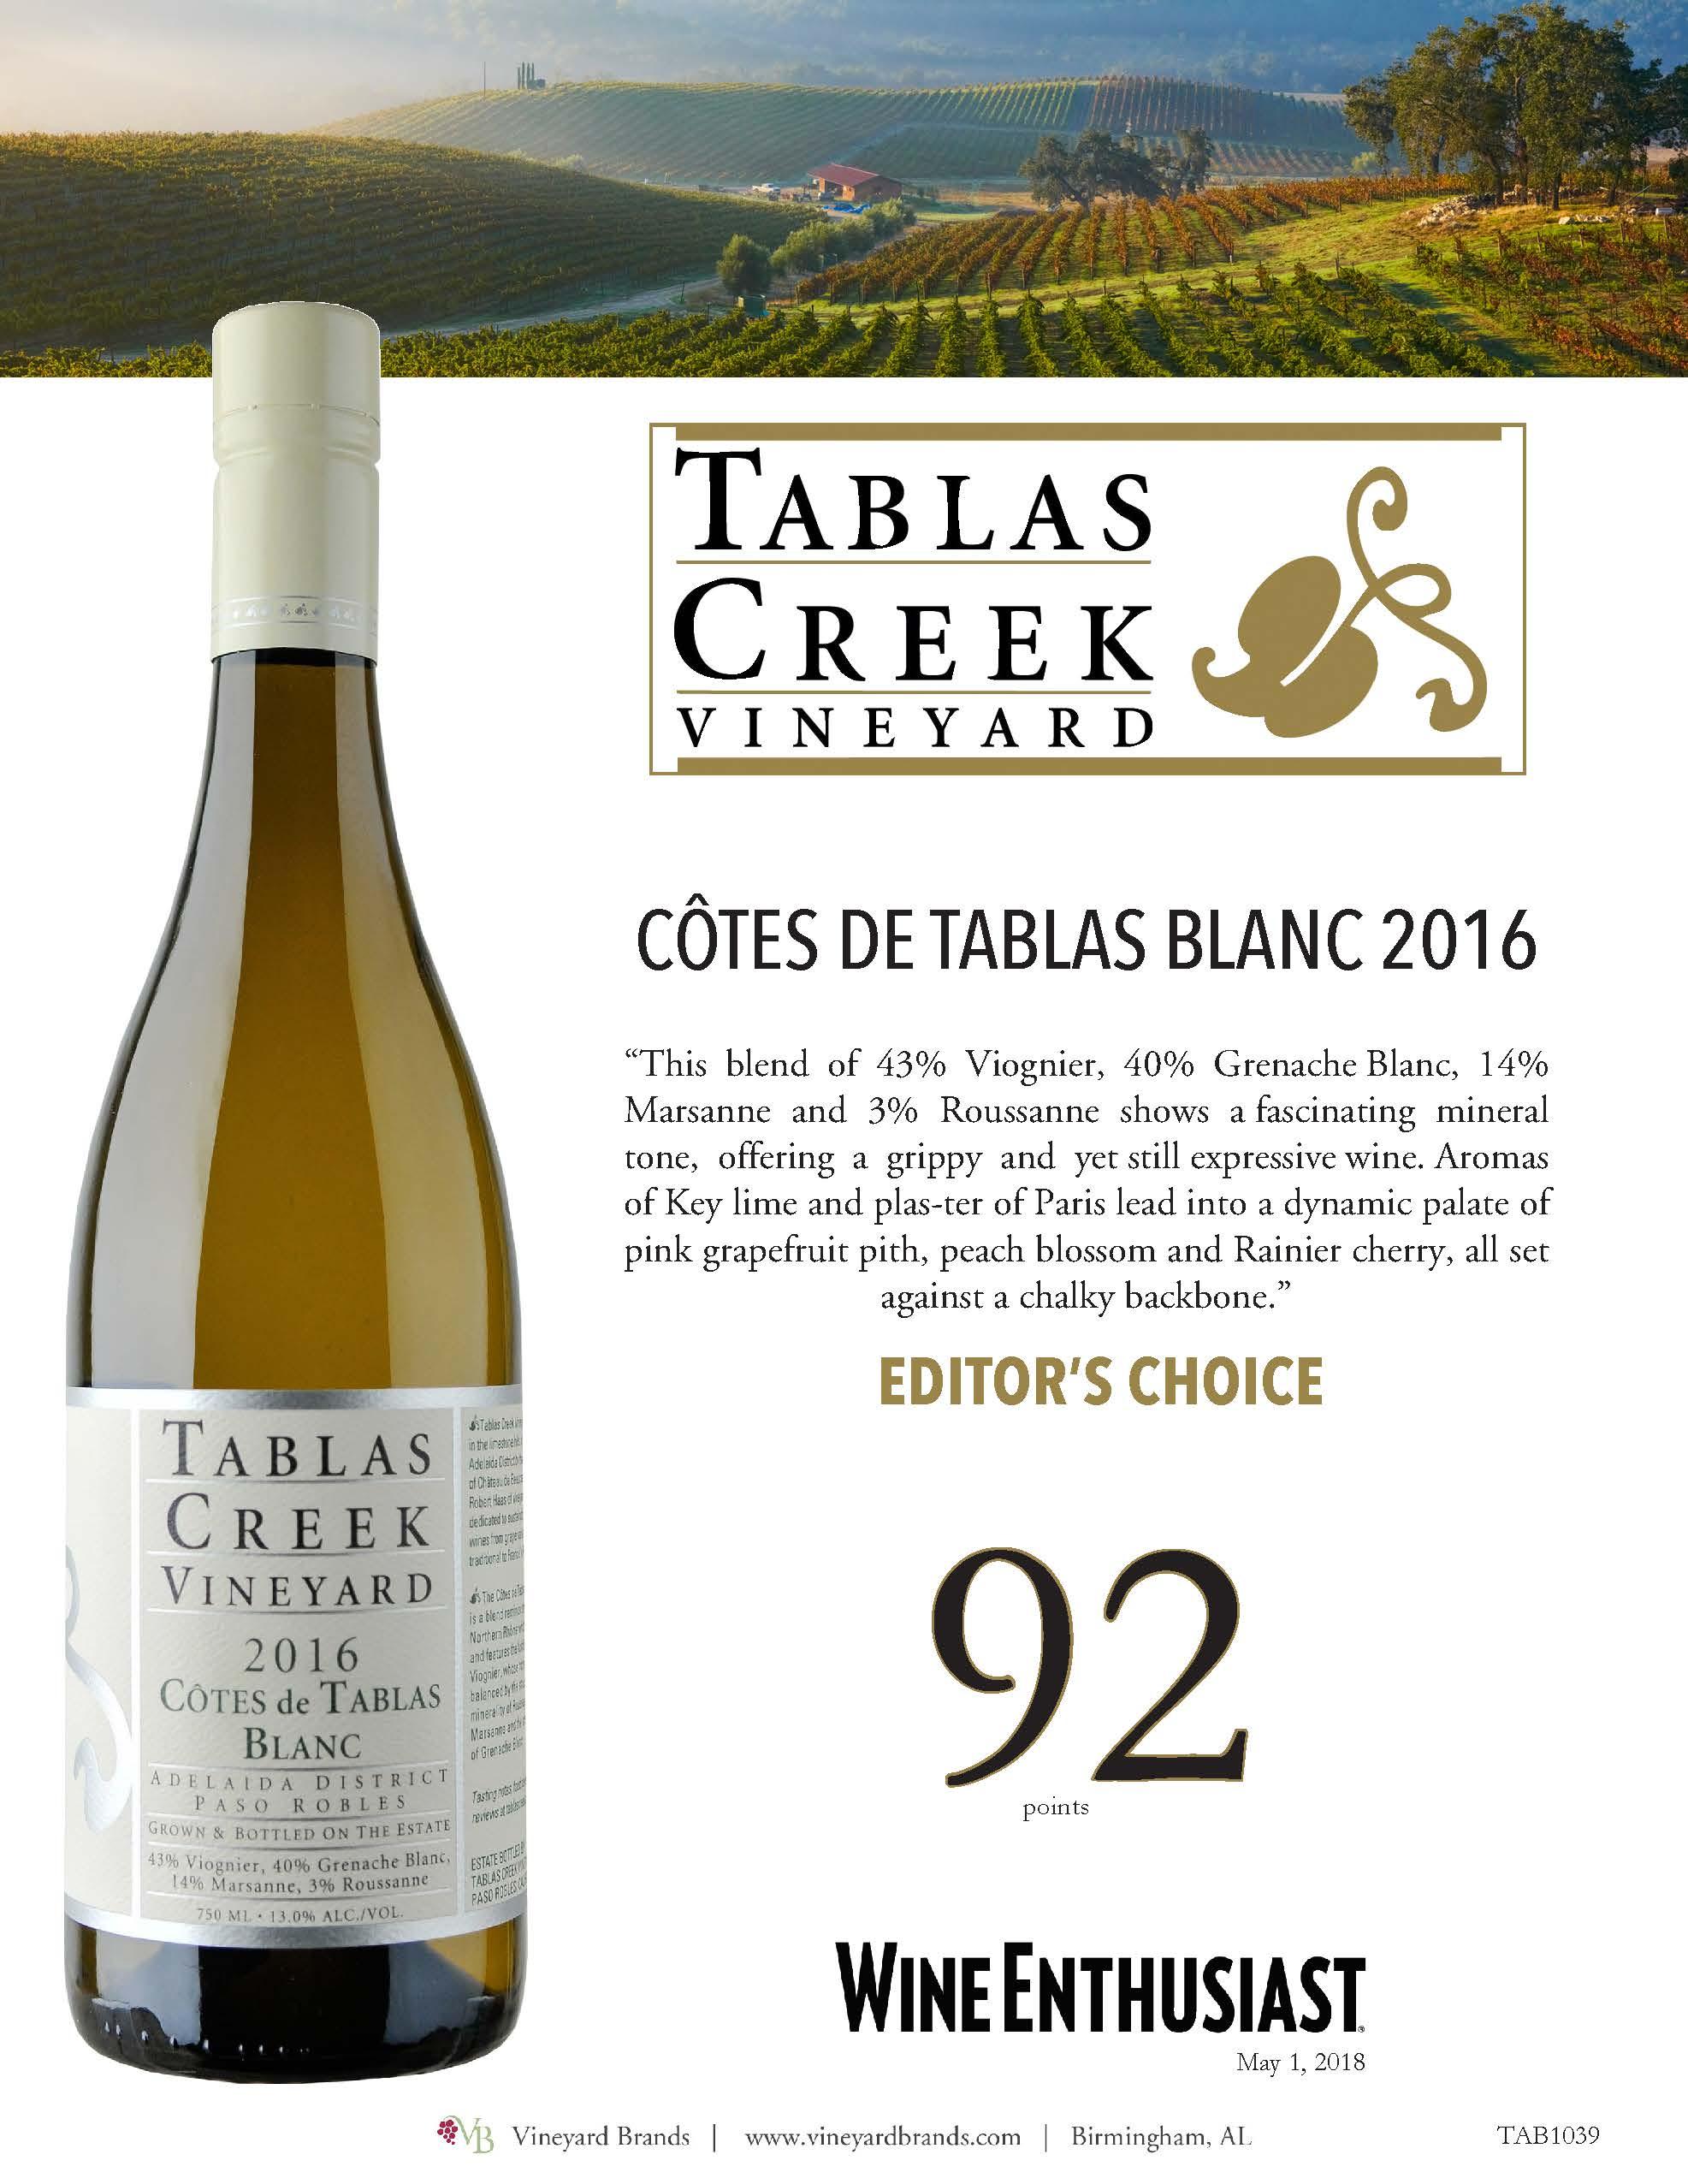 Tablas Creek cotes de tablas blanc 2016.jpg